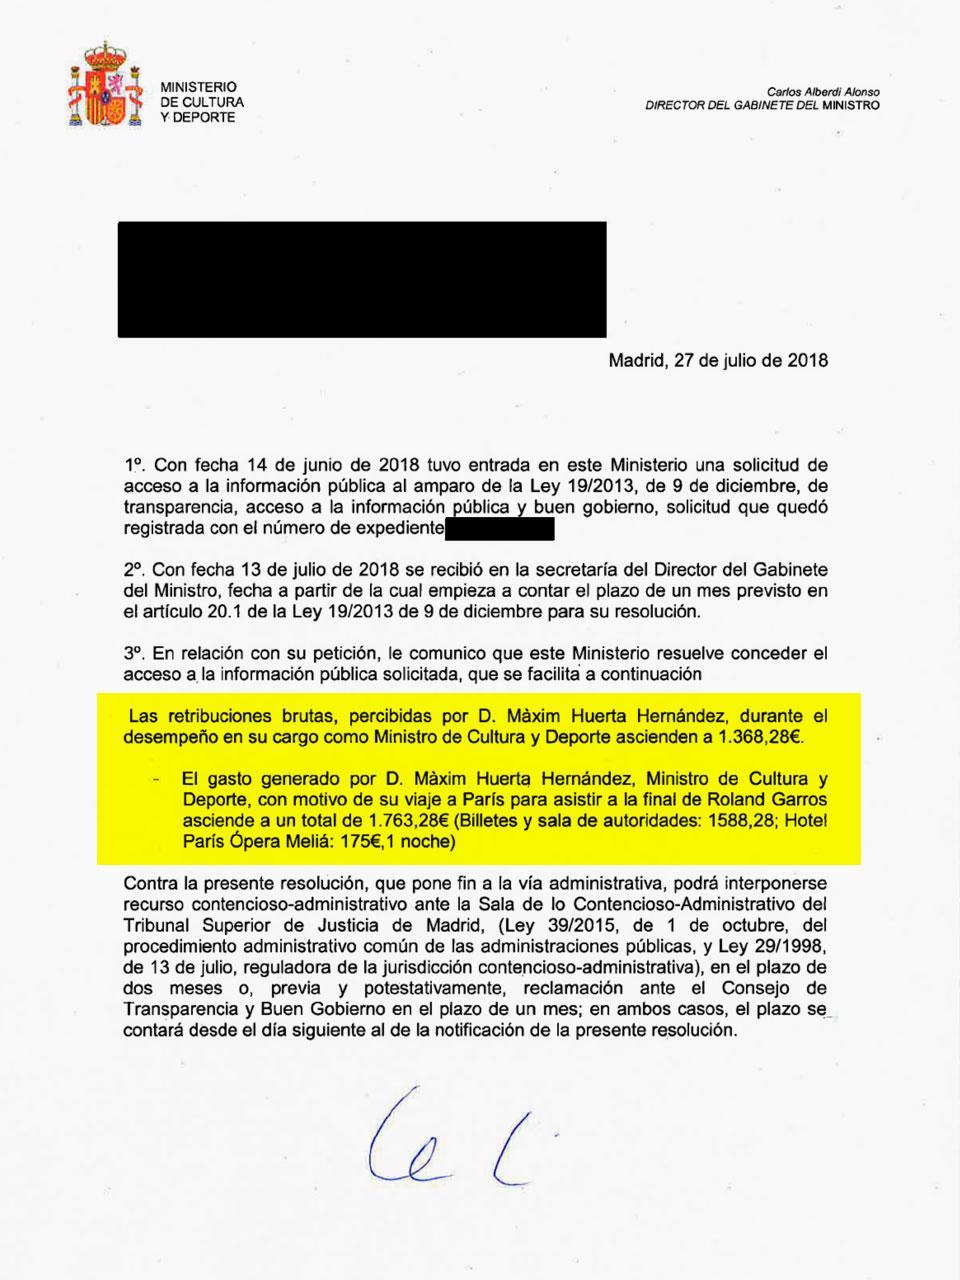 Respuesta oficial en la que se detalla la retribución percibida por Màxim Huerta y el coste de su viaje a París.